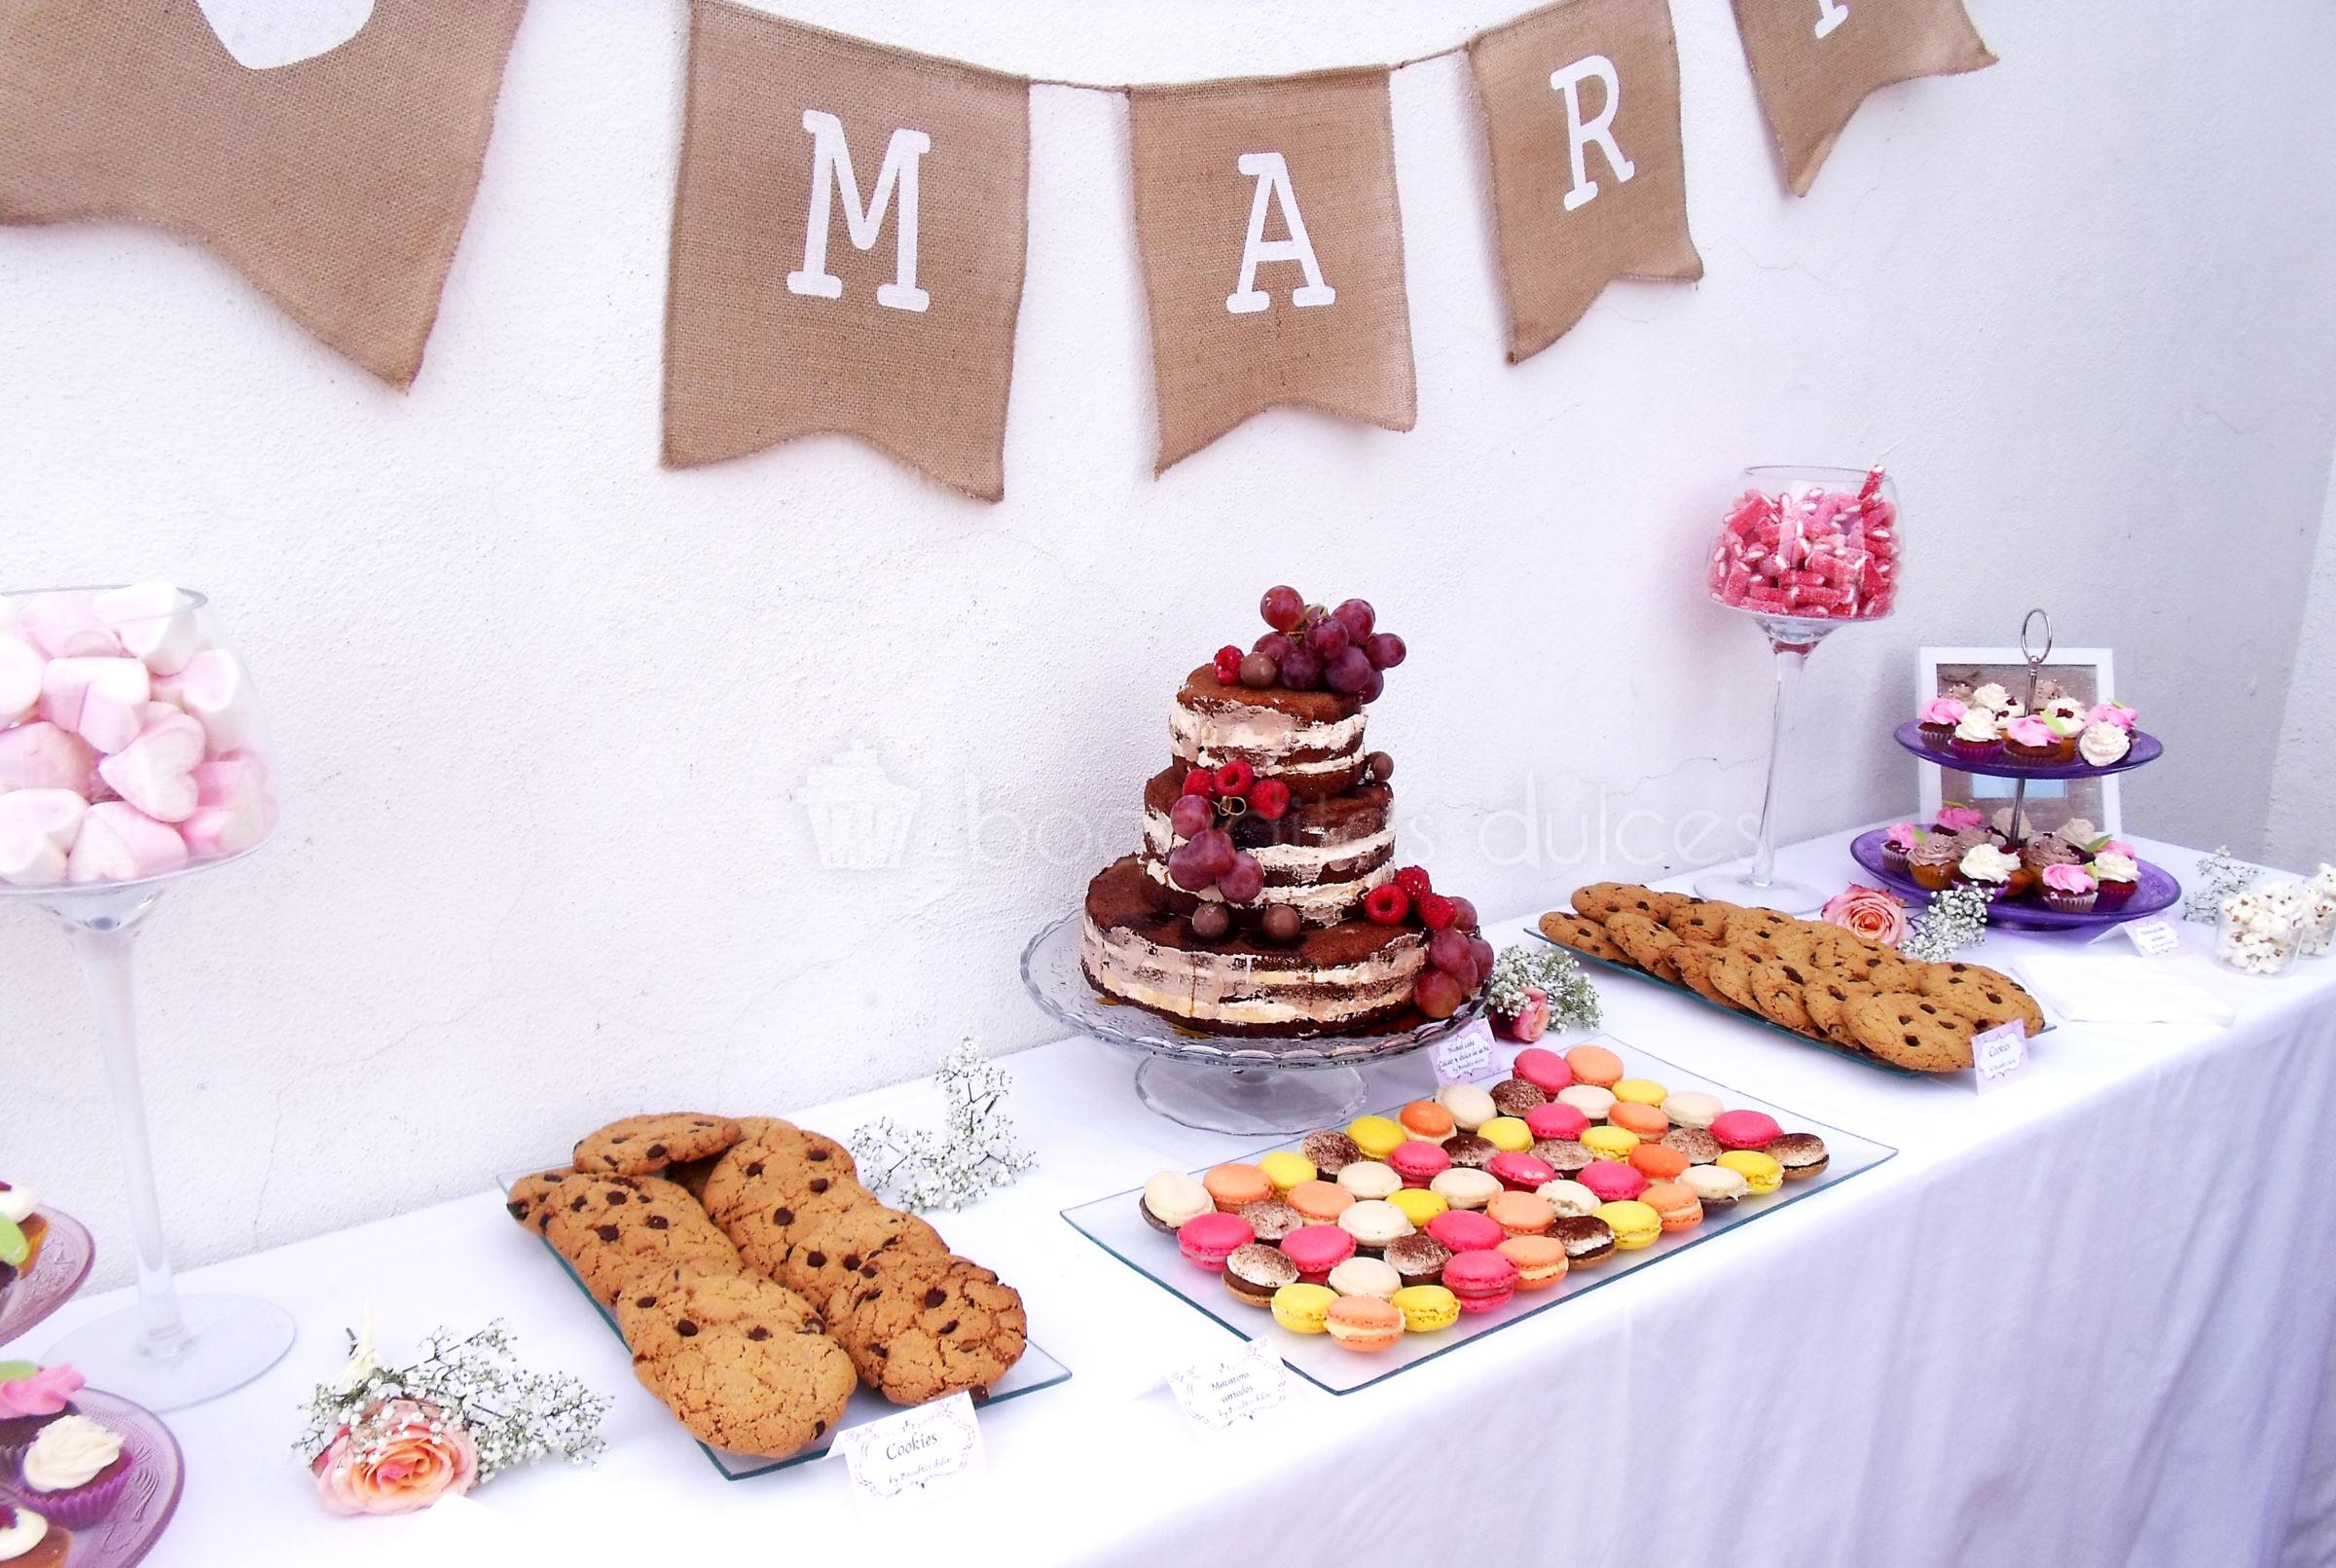 Mesa dulce de estilo rustico compuesta por minicupcakes de distintos sabores, galletas con chips de chocolate, macarons de distintos sabores y tarta de desnuda de tres pisos decorada con frutas del bosque.